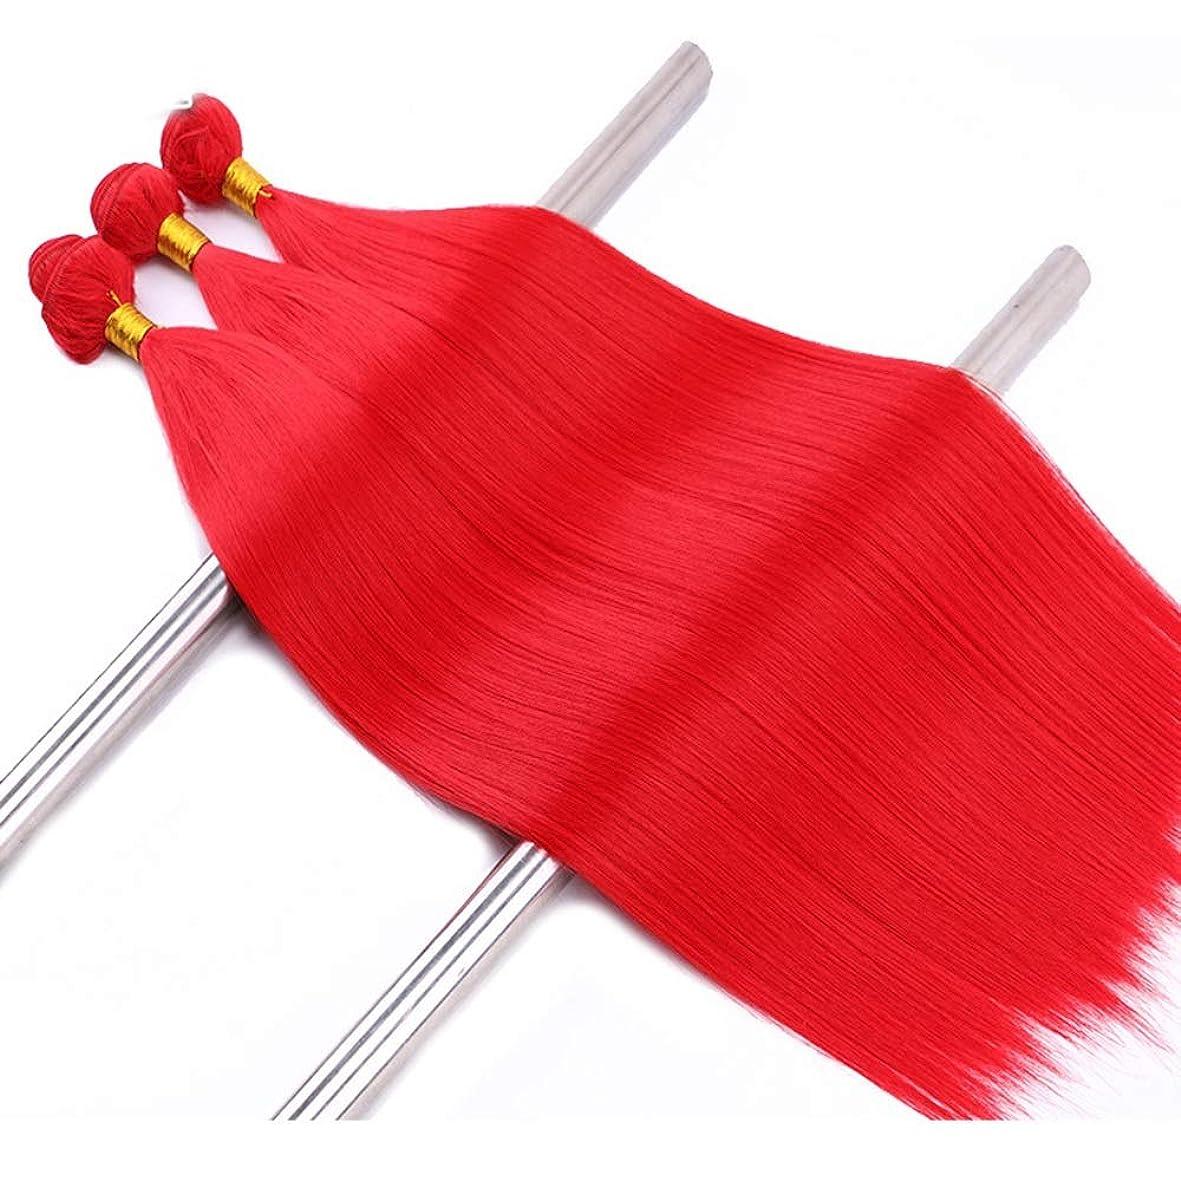 サスペンションあらゆる種類のハドルYESONEEP レディース赤ストレートヘアカーテン耐熱繊維人工毛ウィッグウィッグ(3束)パーティーウィッグ (Color : Blonde, サイズ : 24inch)